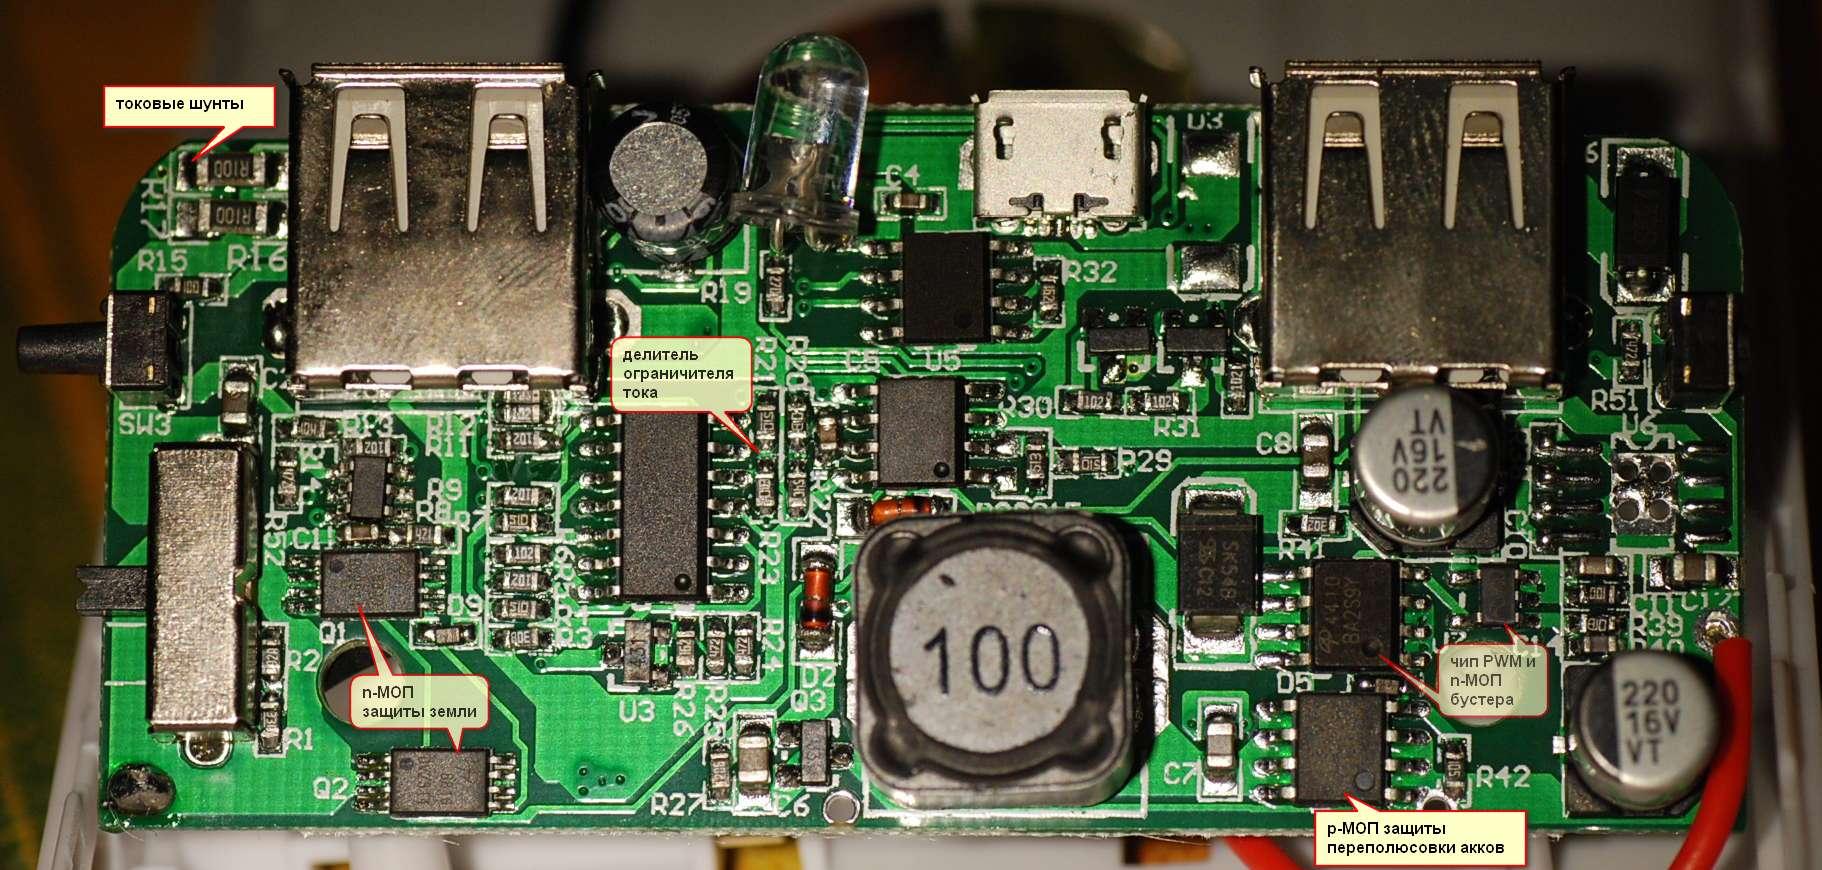 Контроллер для power bank своими руками